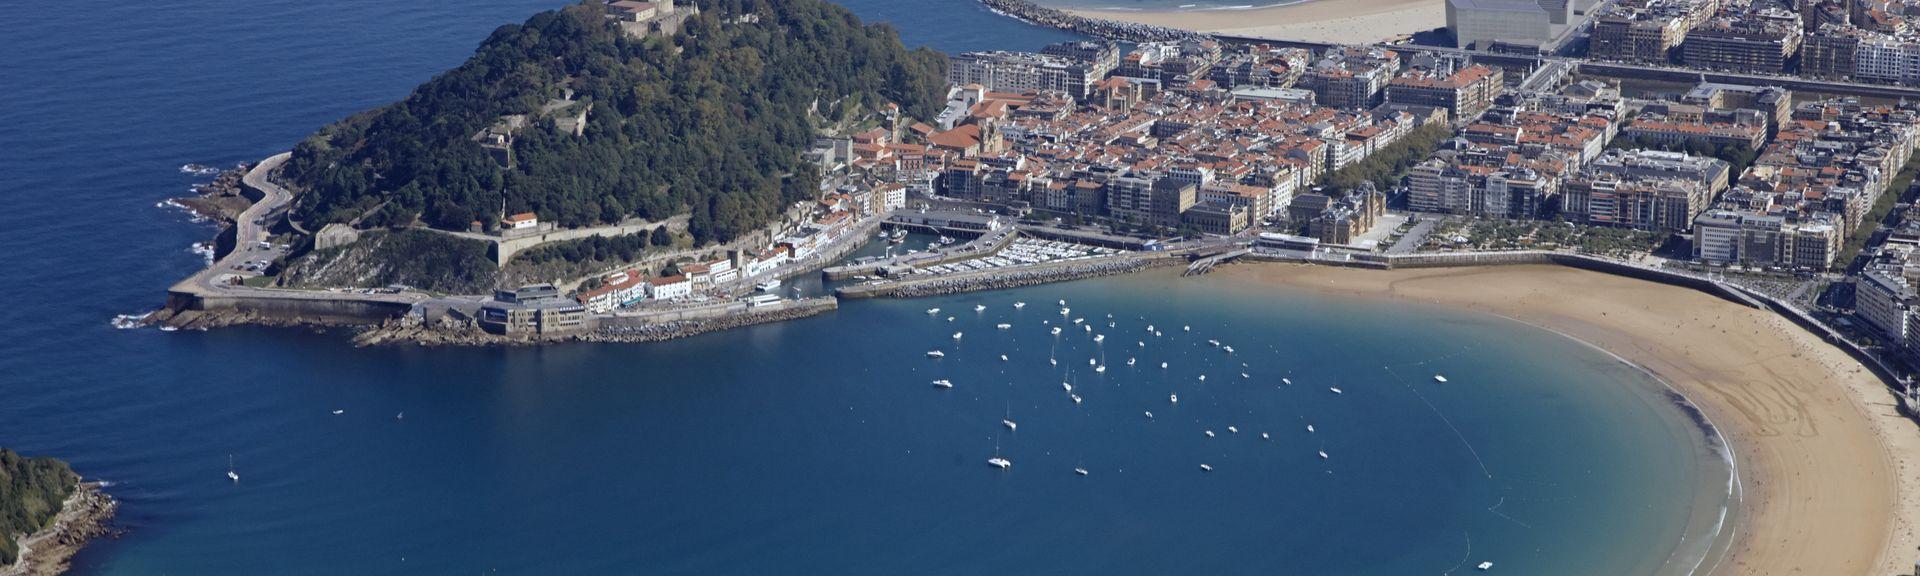 Norte de Aralar, Navarre, Basque Country, Spain